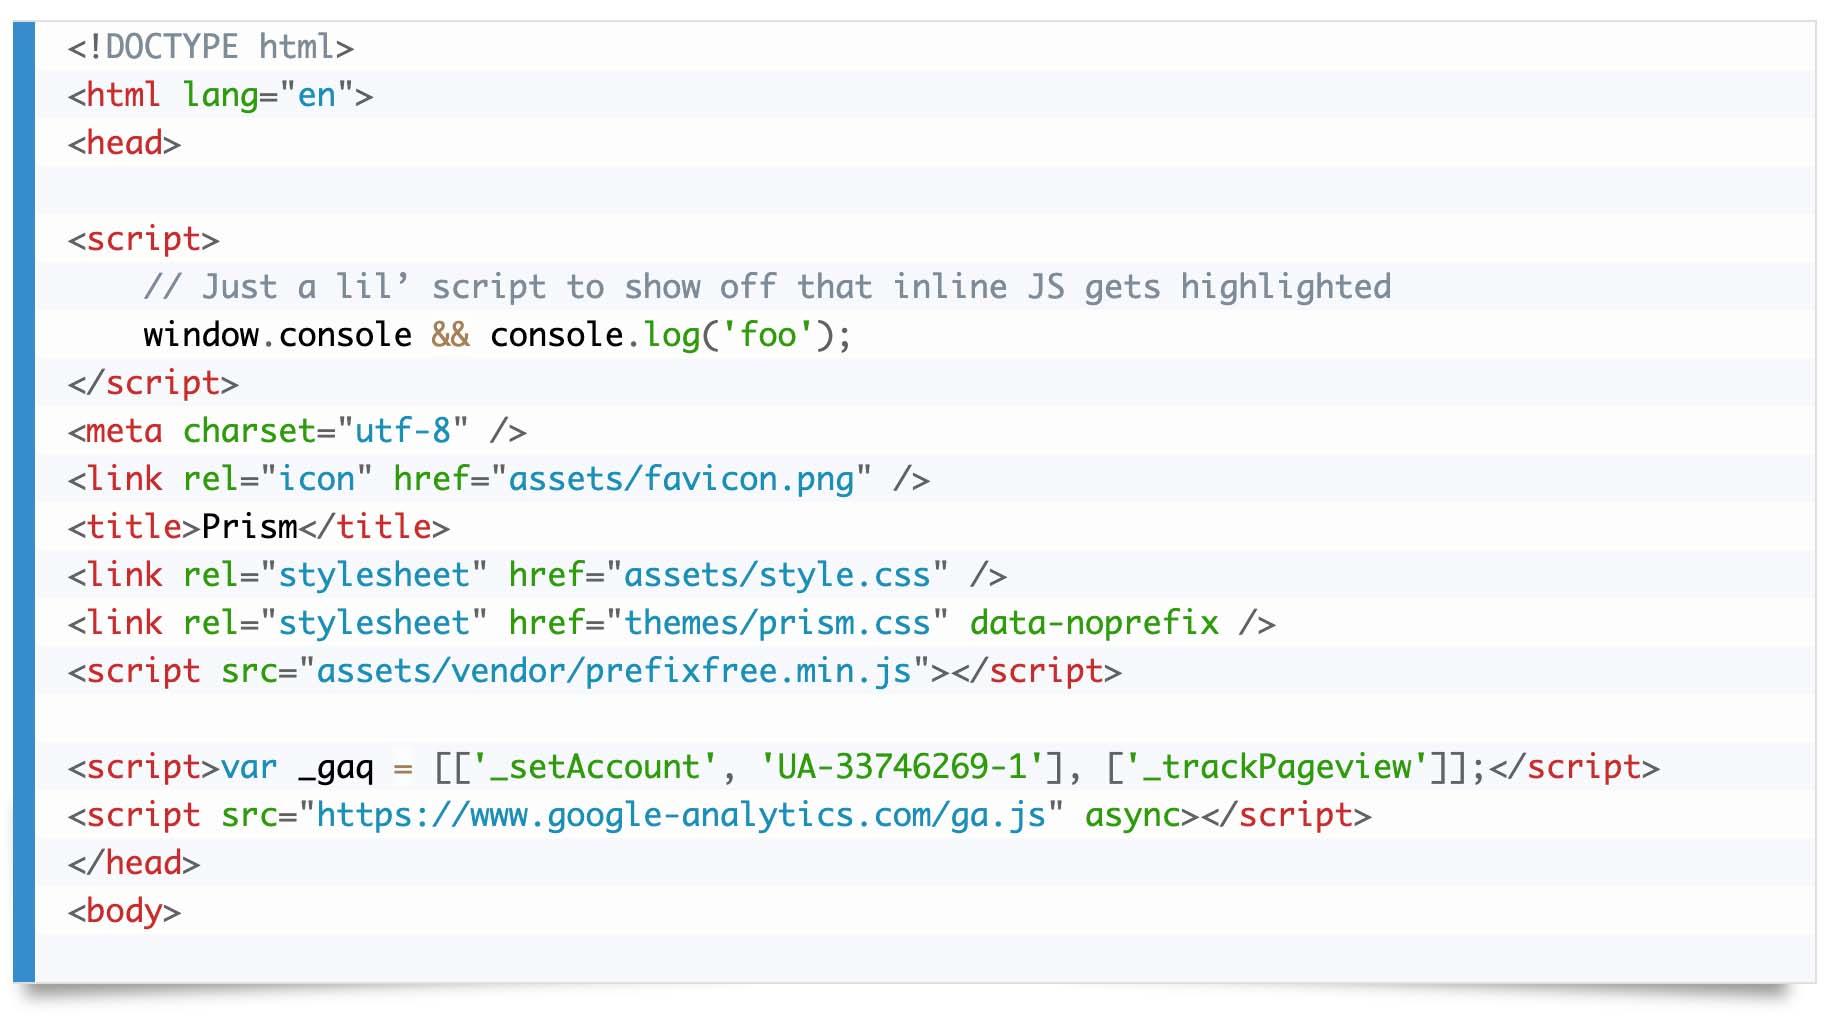 Prism.jsでCoyのテーマを選択した際のコード表示